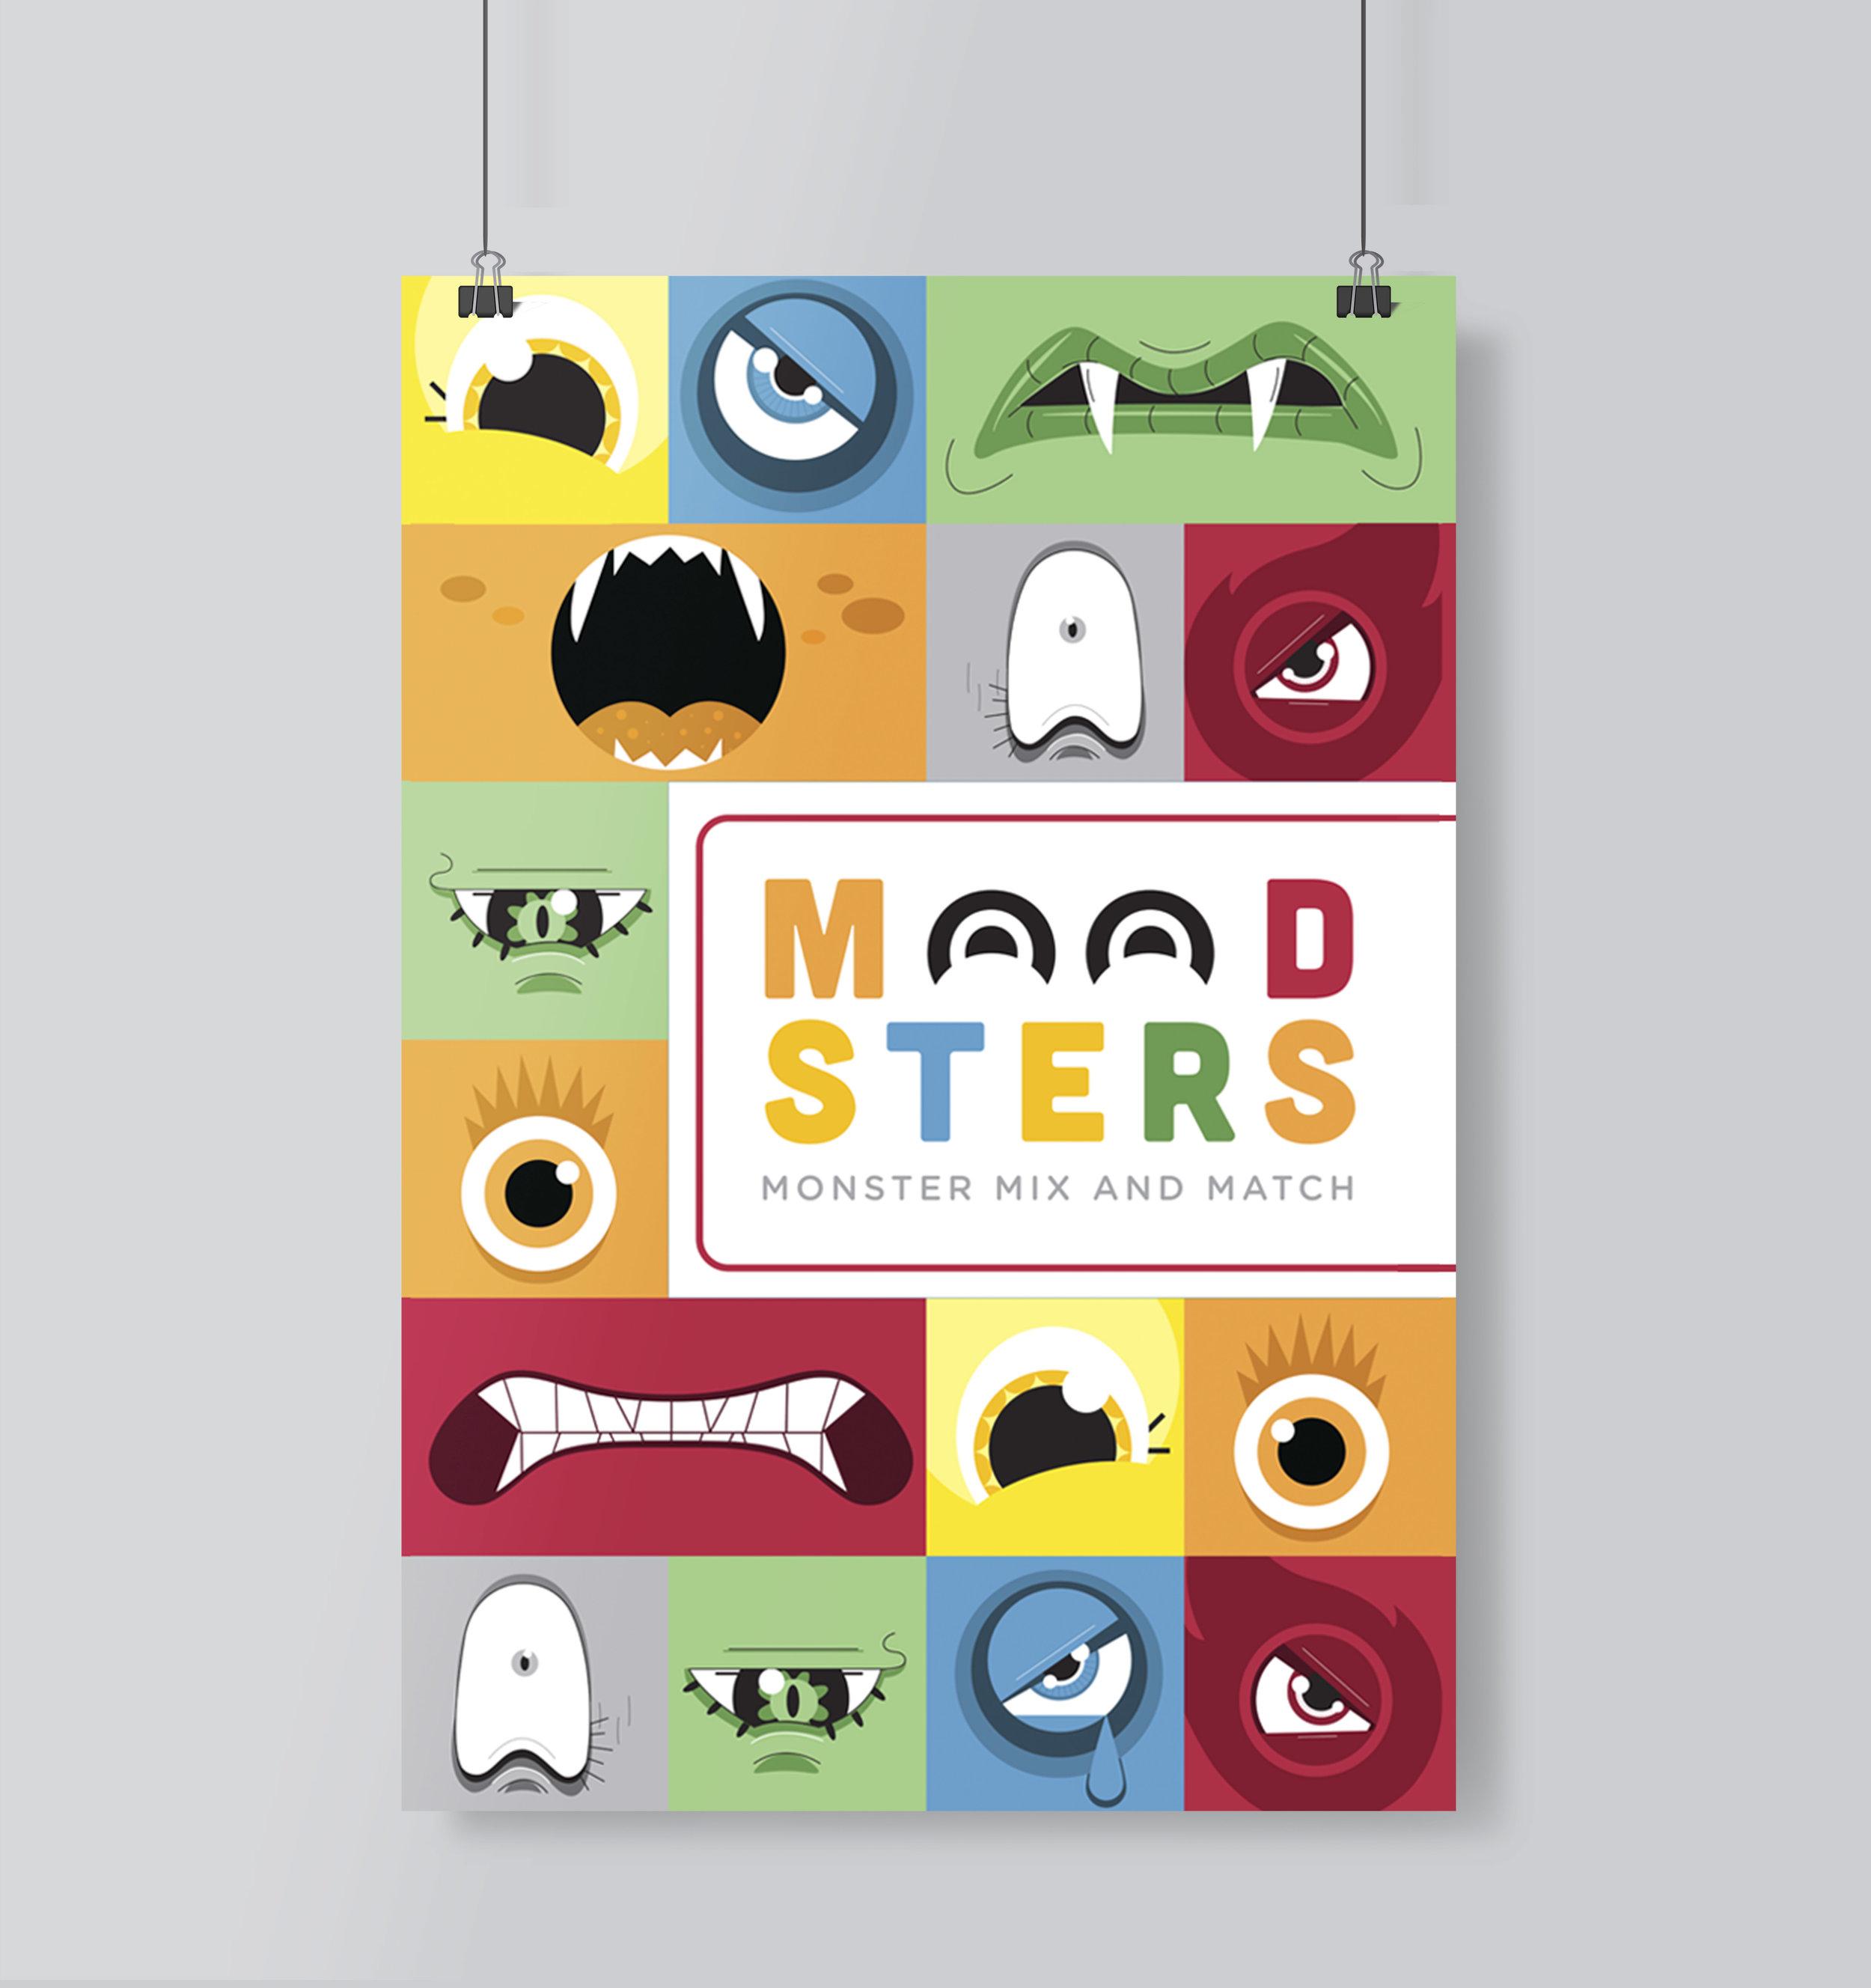 Moodsters_Poster.jpg